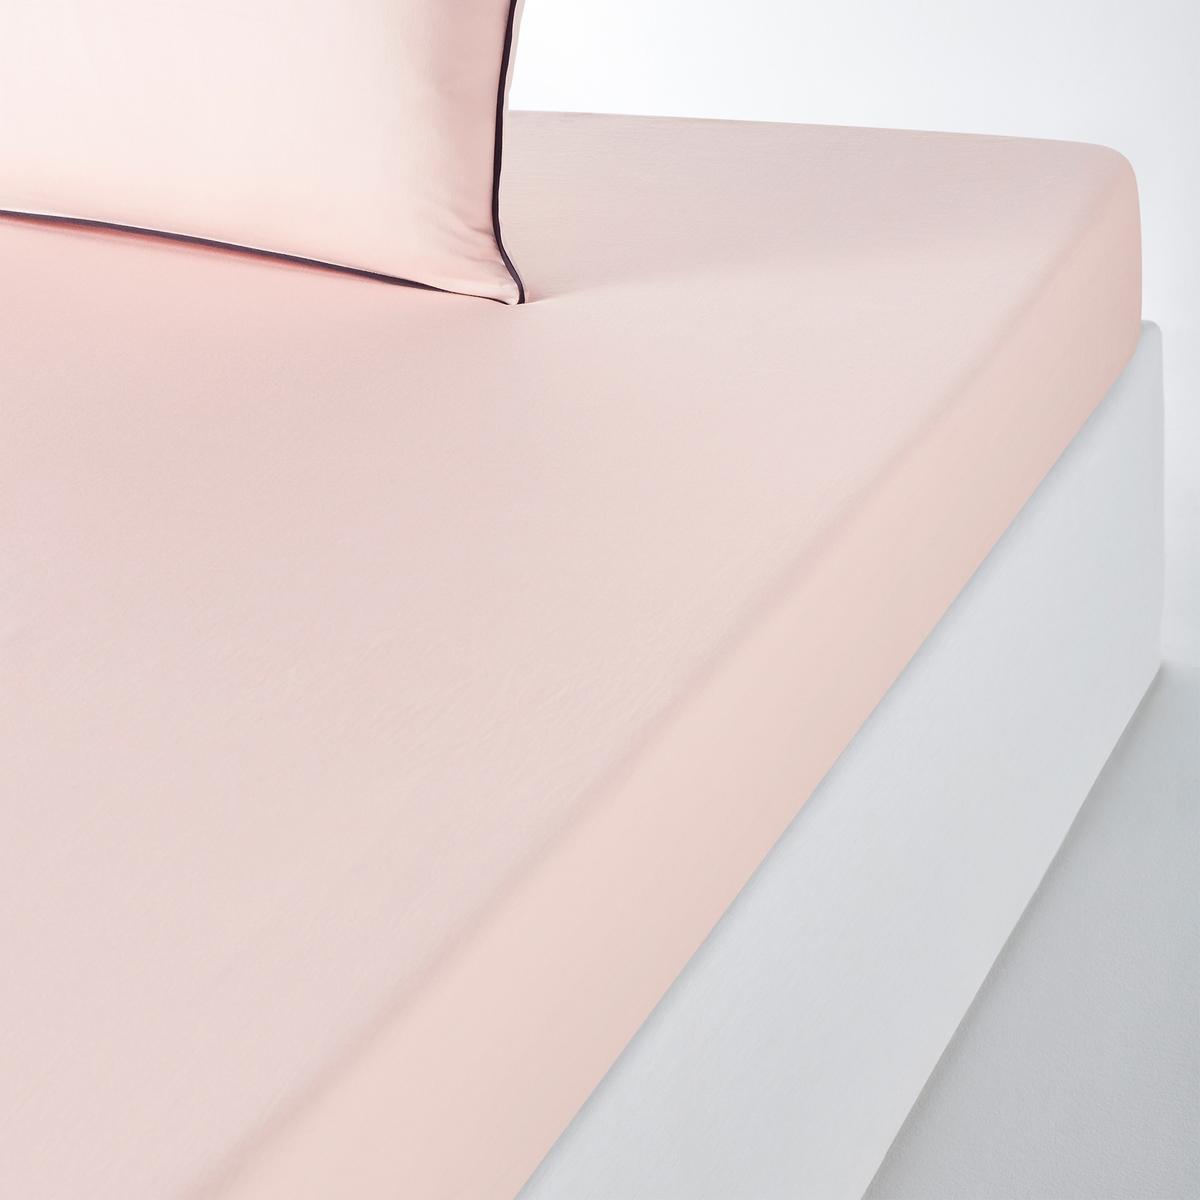 Lençol-capa em cetim de algodão lavado, PAVONE